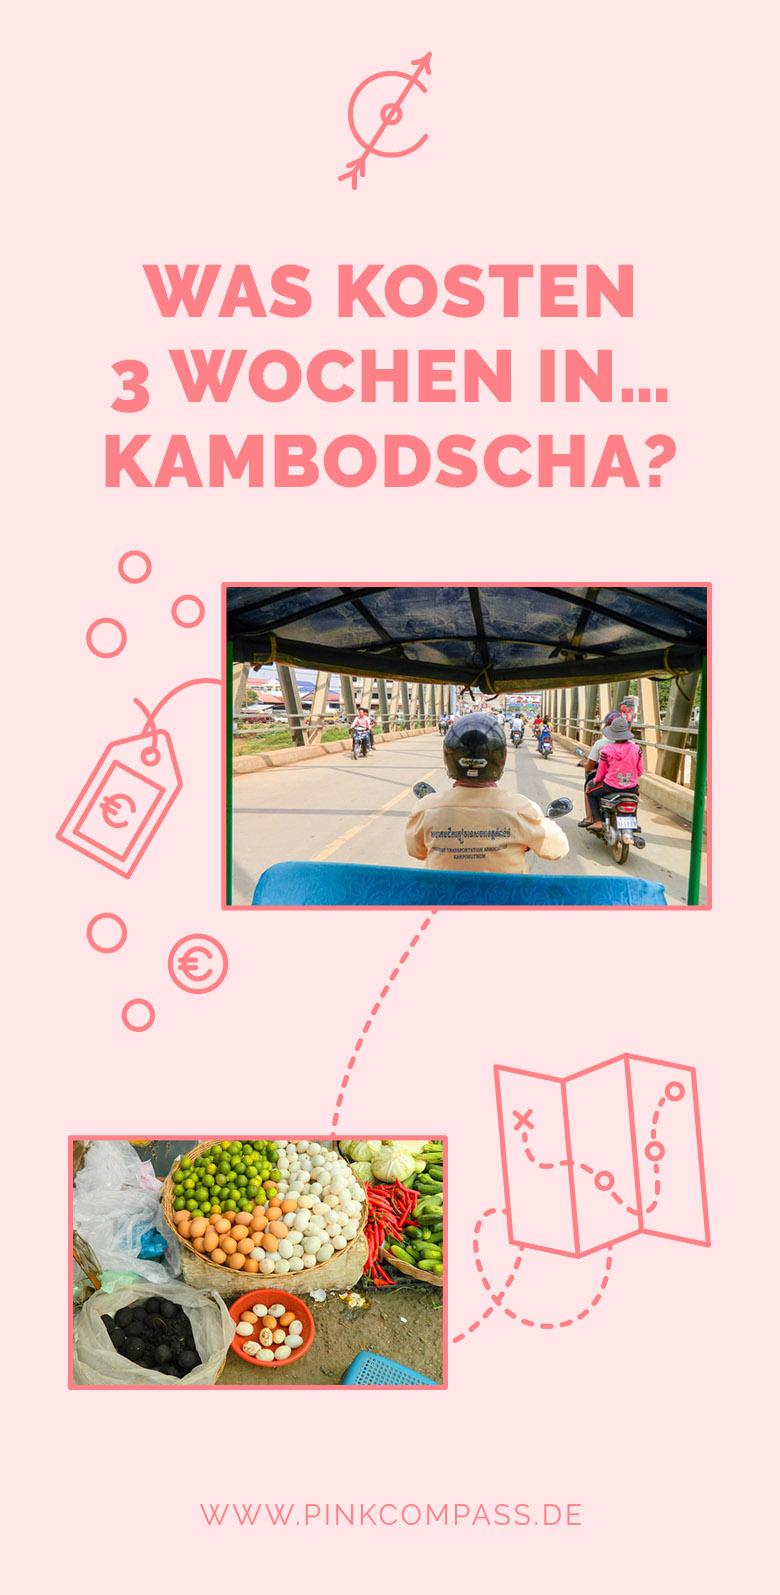 Meine Reisekosten für 3 Wochen im Kambodscha